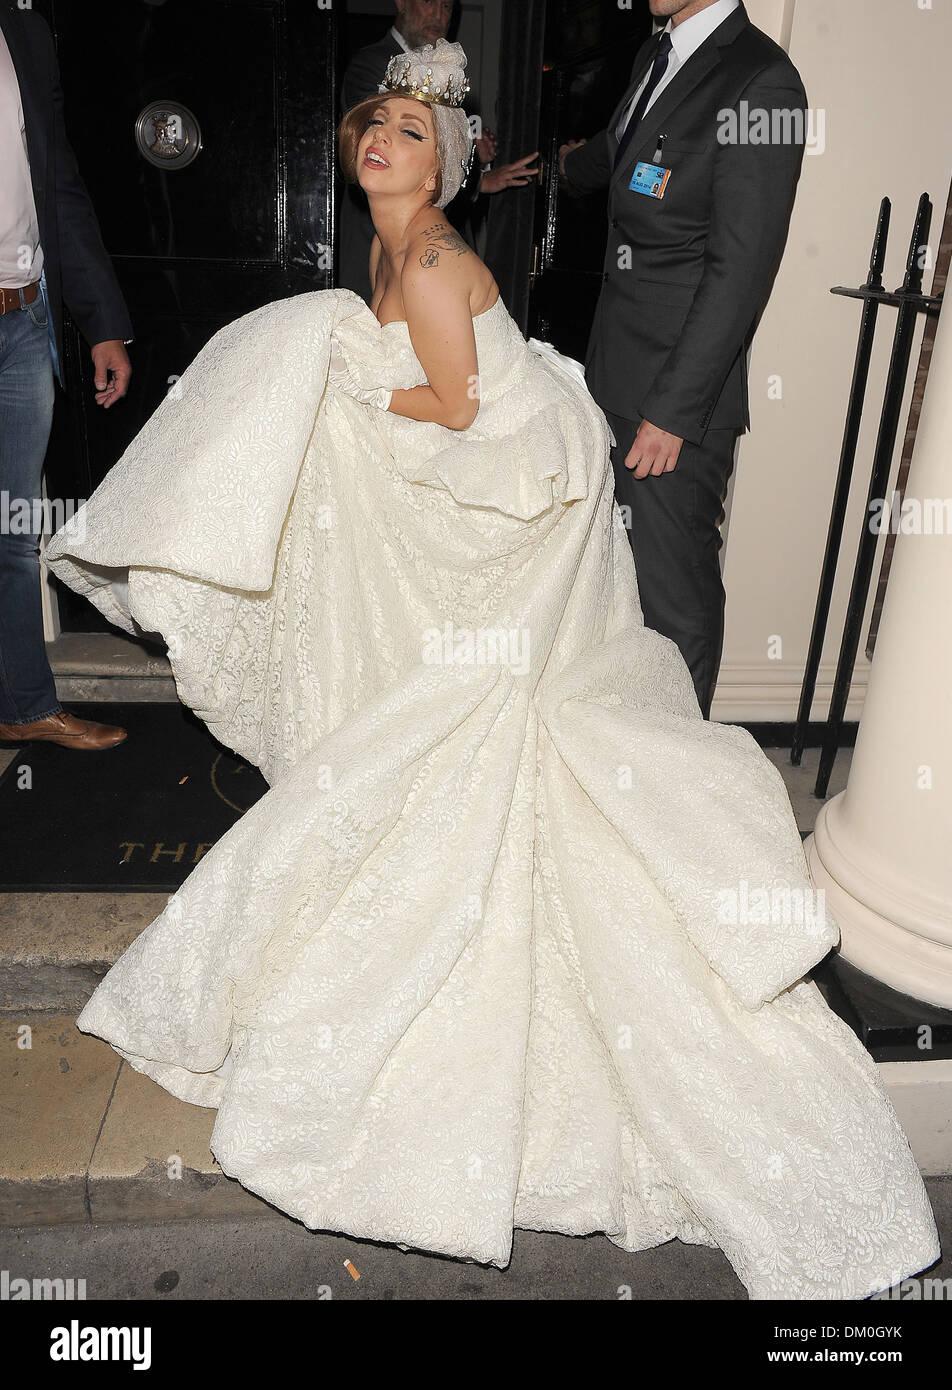 Lady Gaga Wedding.Lady Gaga Arriving At Arts Club Wearing A Stunning Wedding Dress